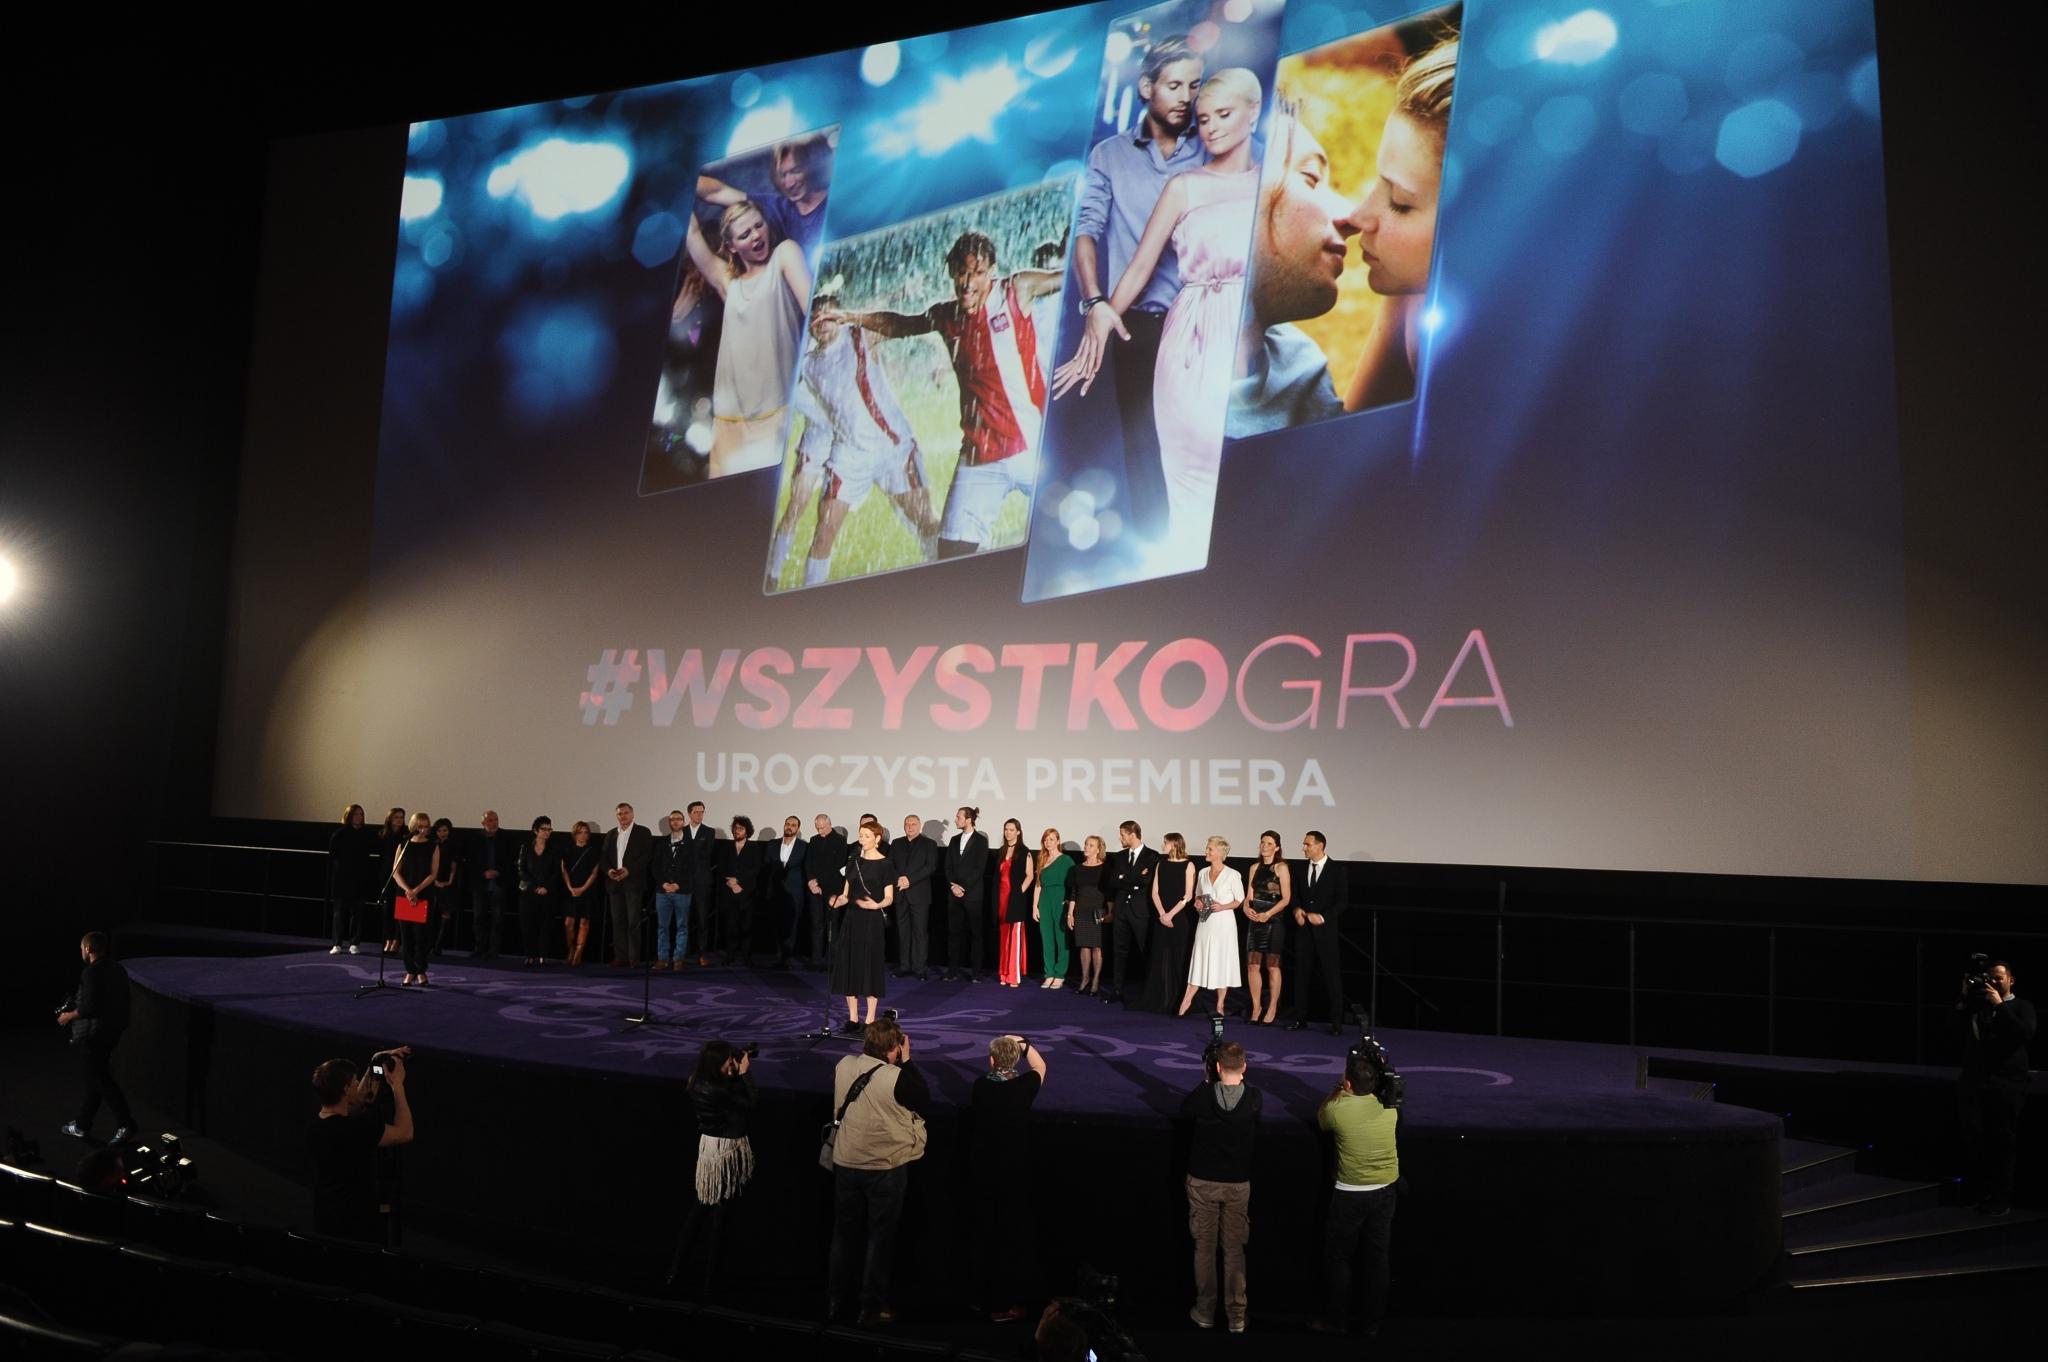 Premiera filmu #WSZYSTKOGRA!